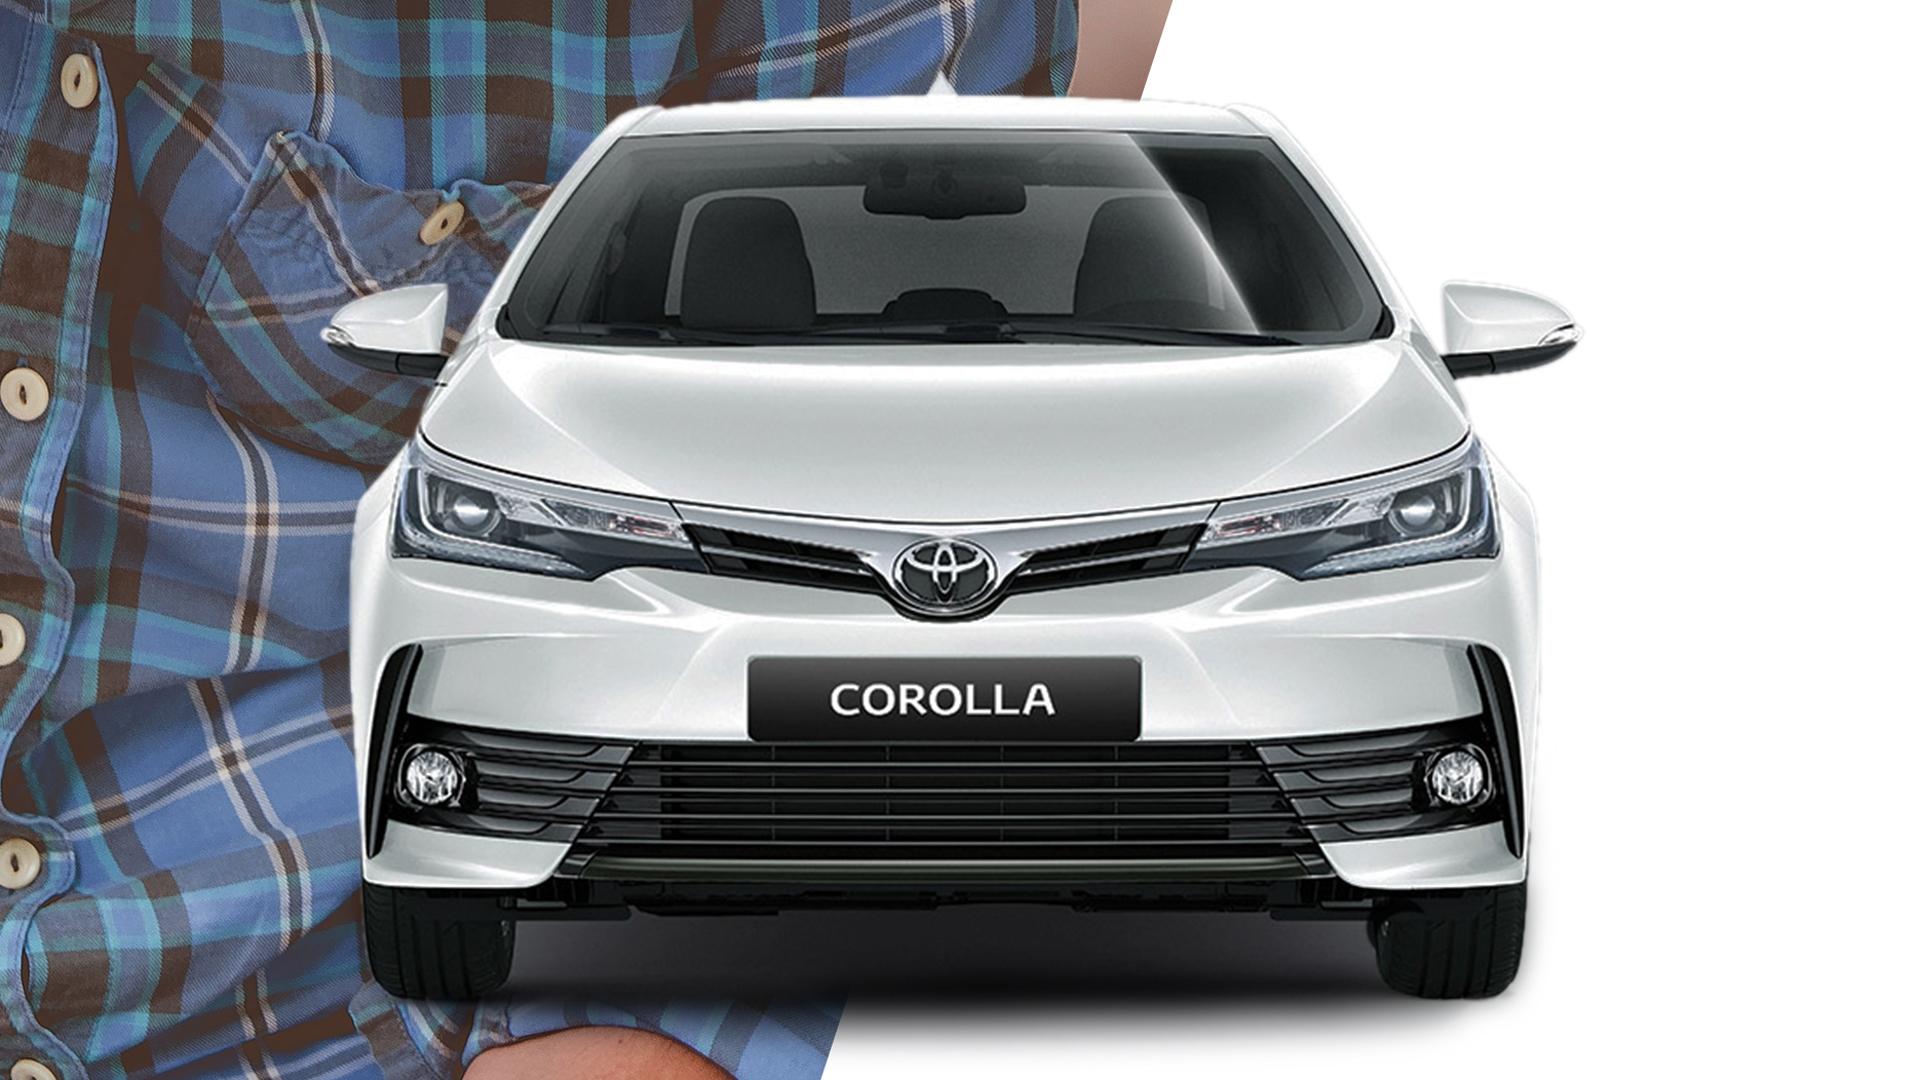 El Corolla solo se consigue a través de Plan de Ahorro Toyota en la Argentina.